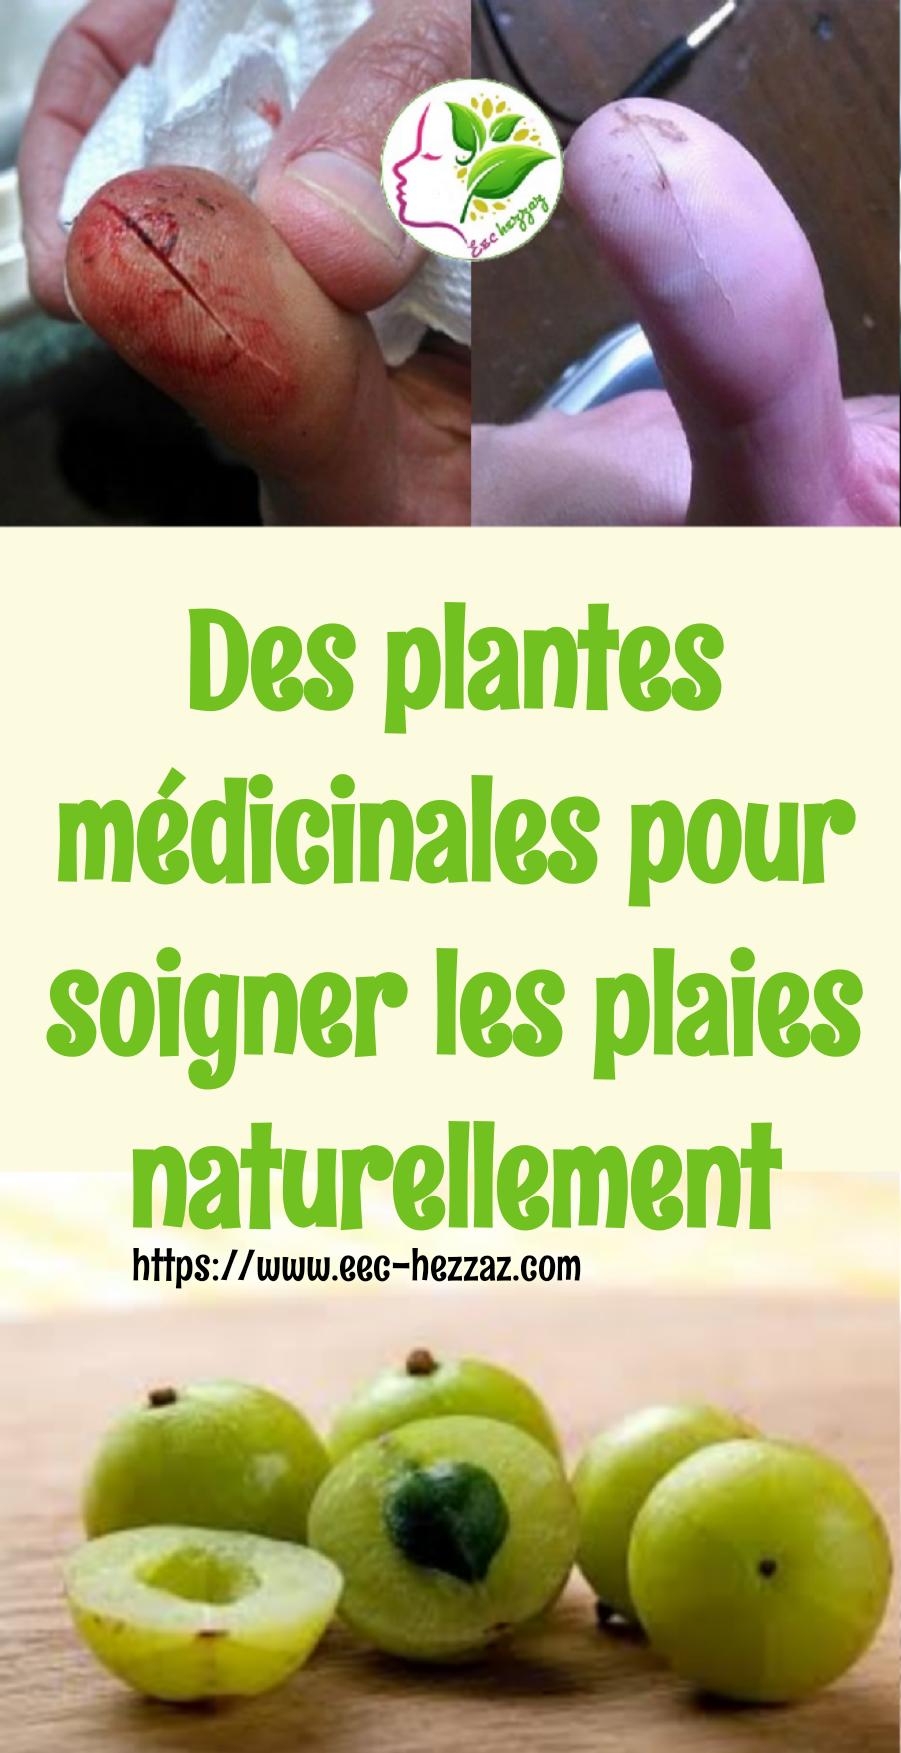 Des plantes médicinales pour soigner les plaies naturellement